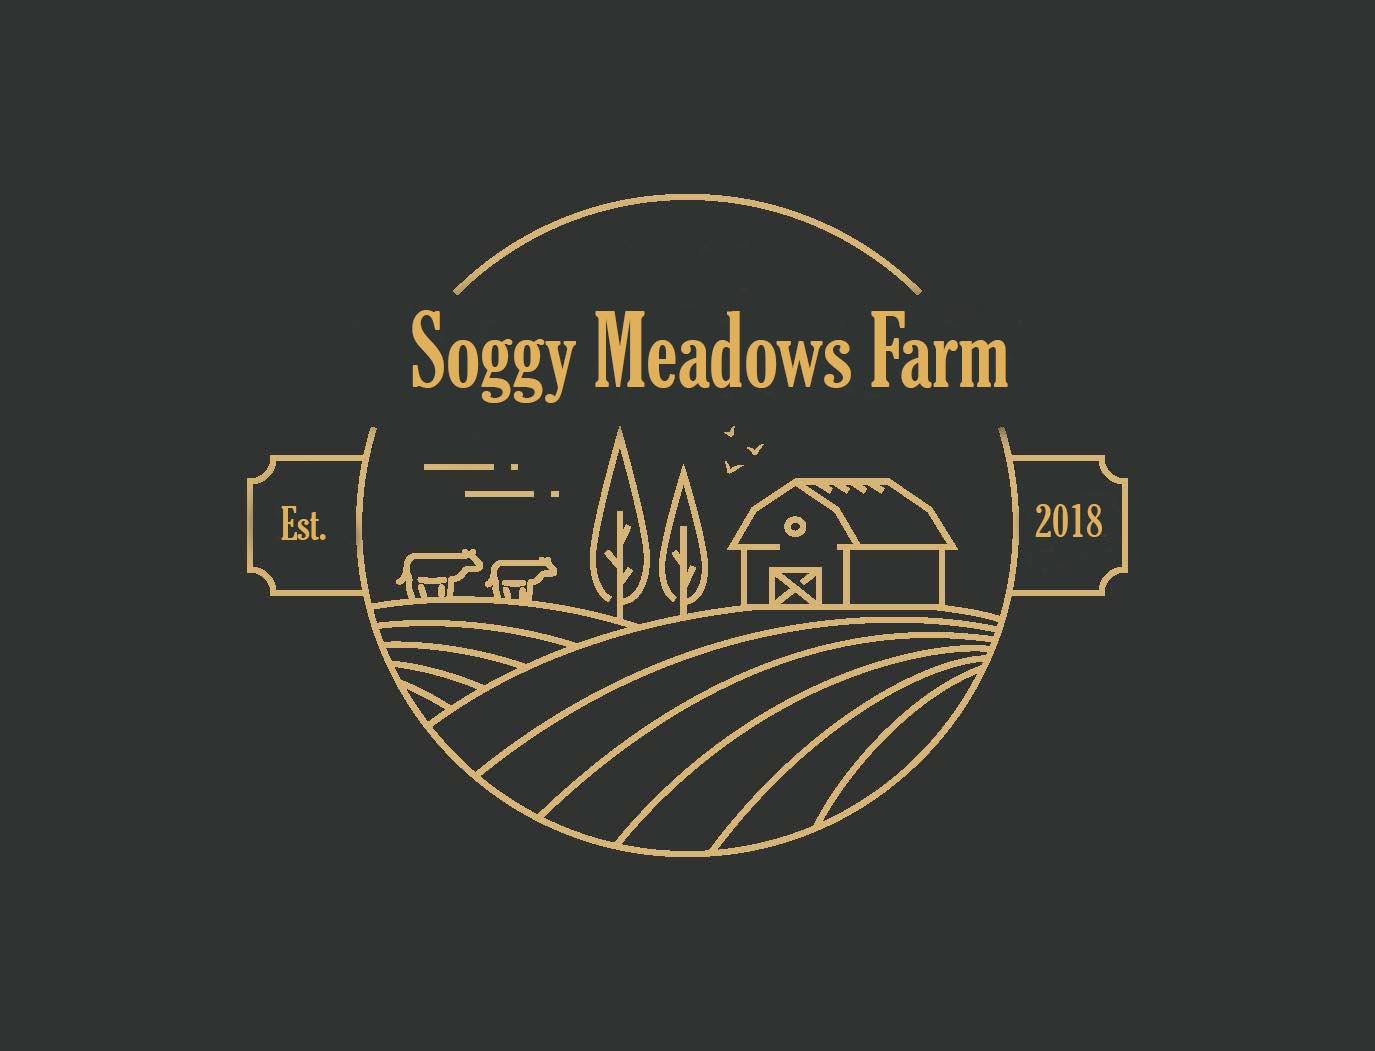 Soggy Meadows Farm